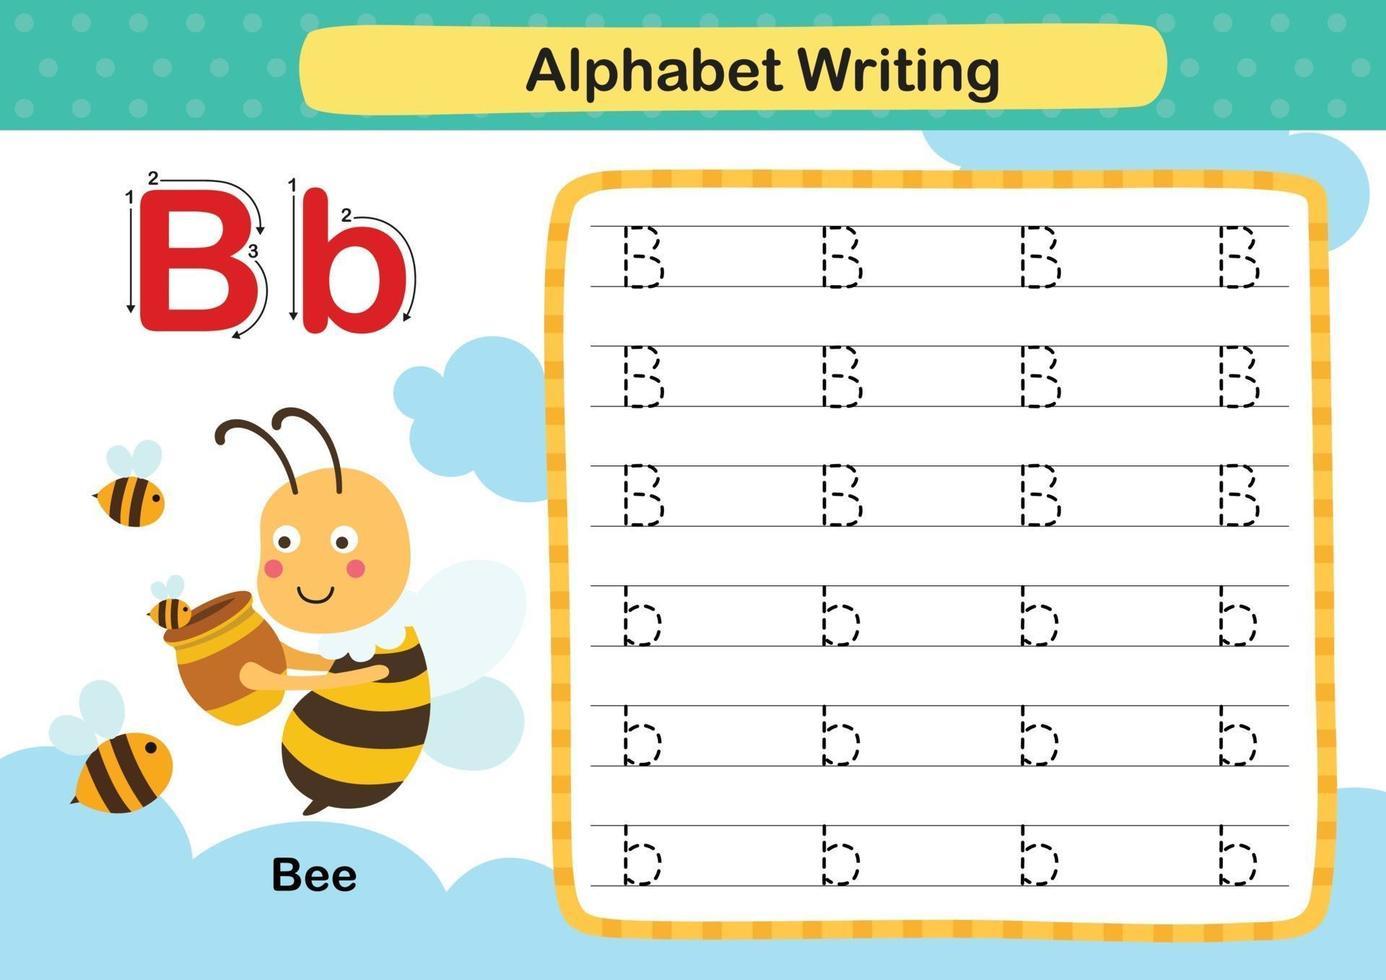 alfabet letter b-bee oefening met cartoon woordenschat illustratie, vector